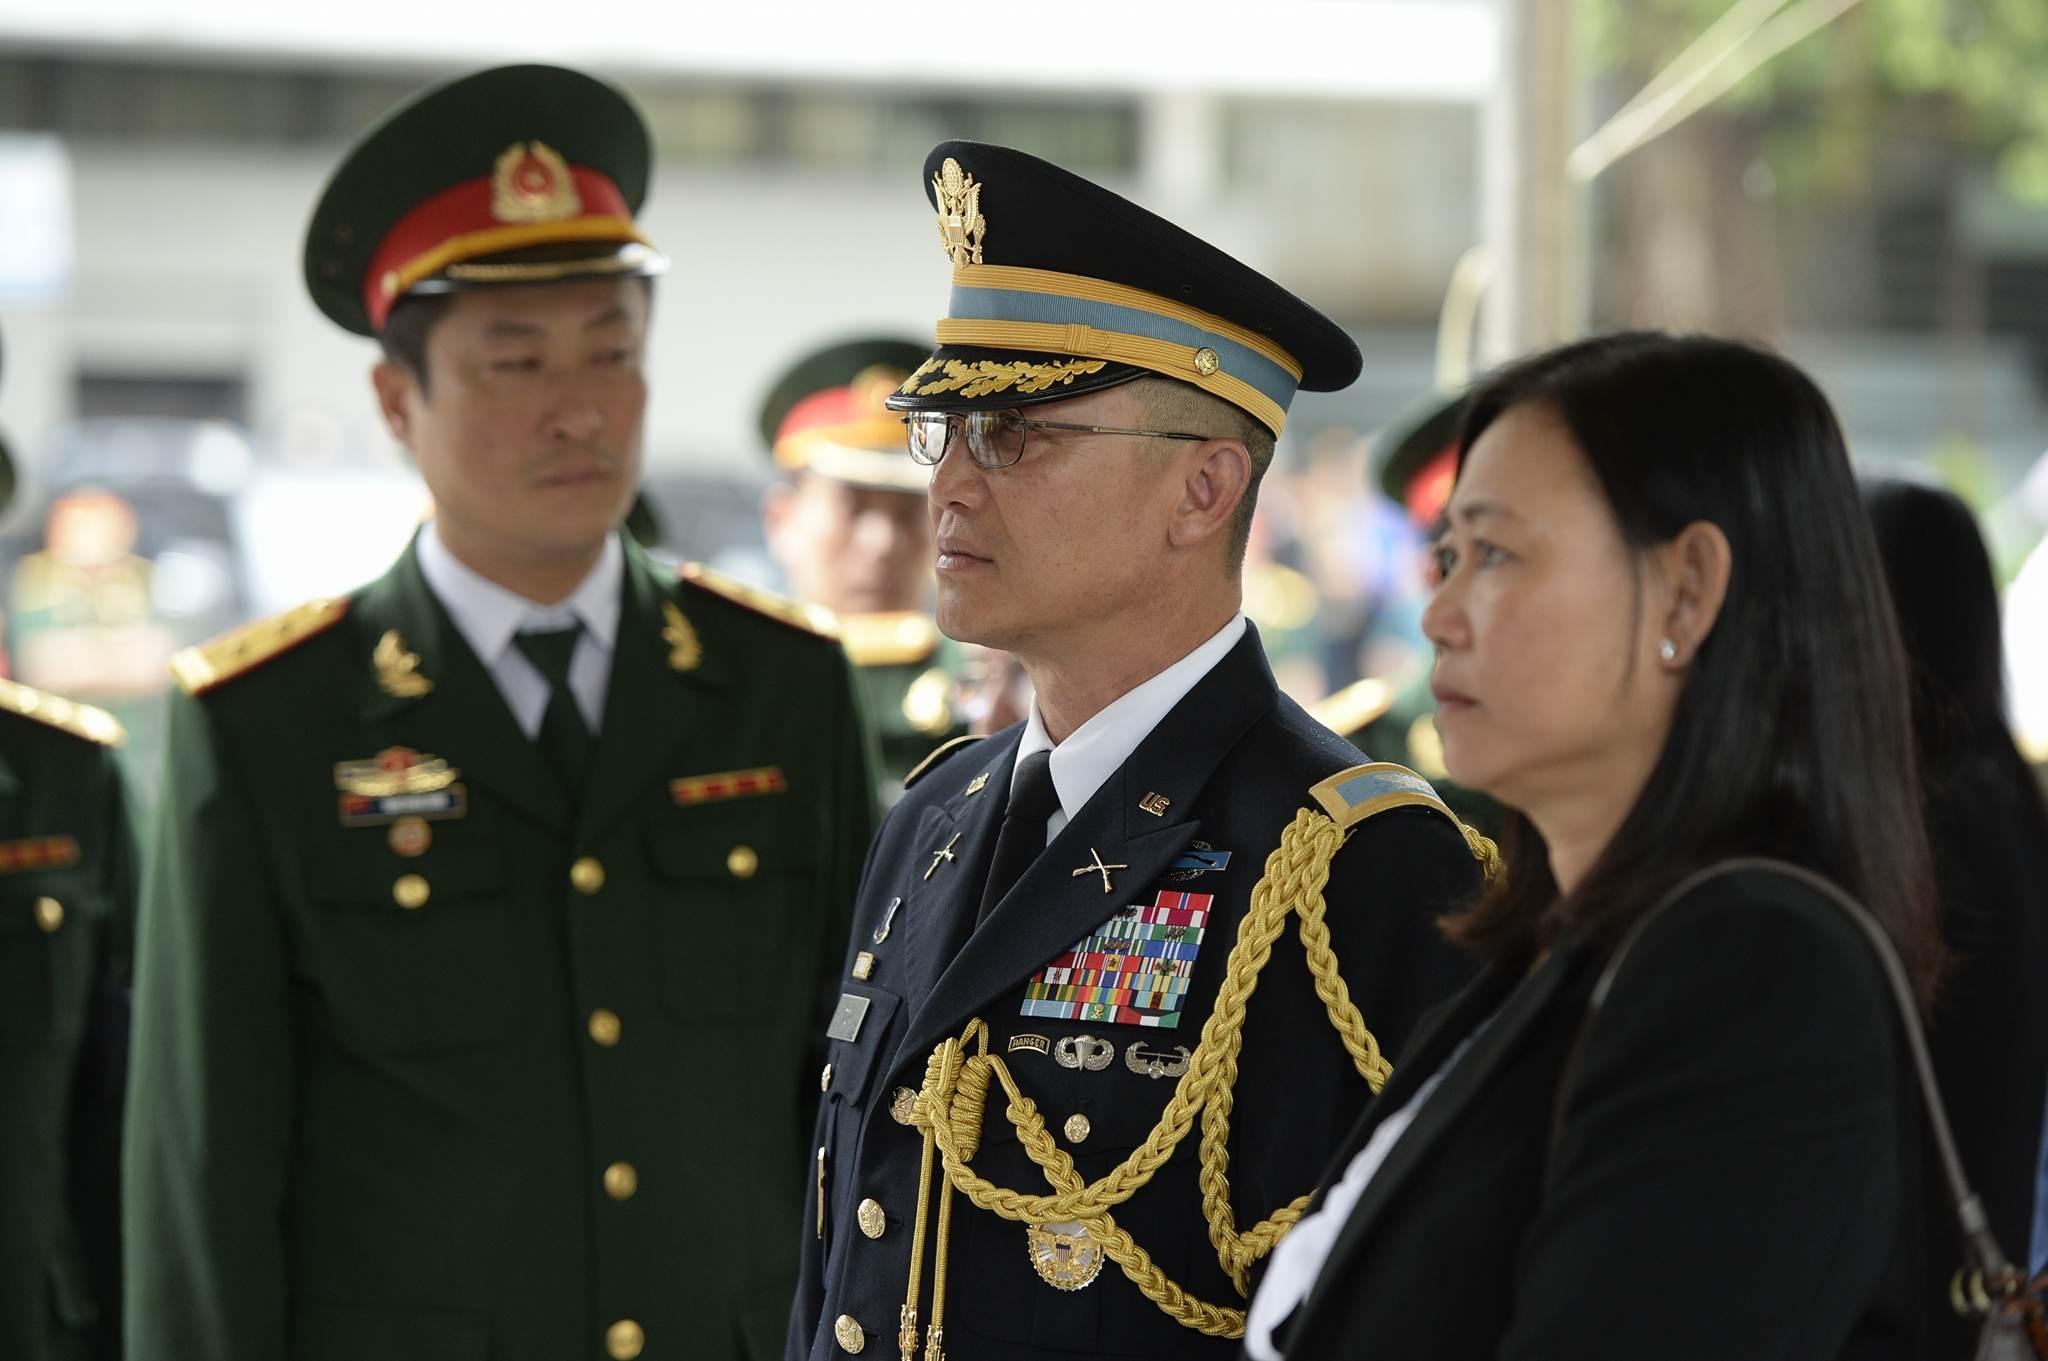 Tùy viên quân sự Đại sứ quán Hoa Kỳ tới chào vĩnh biệt 9 liệt sĩ.